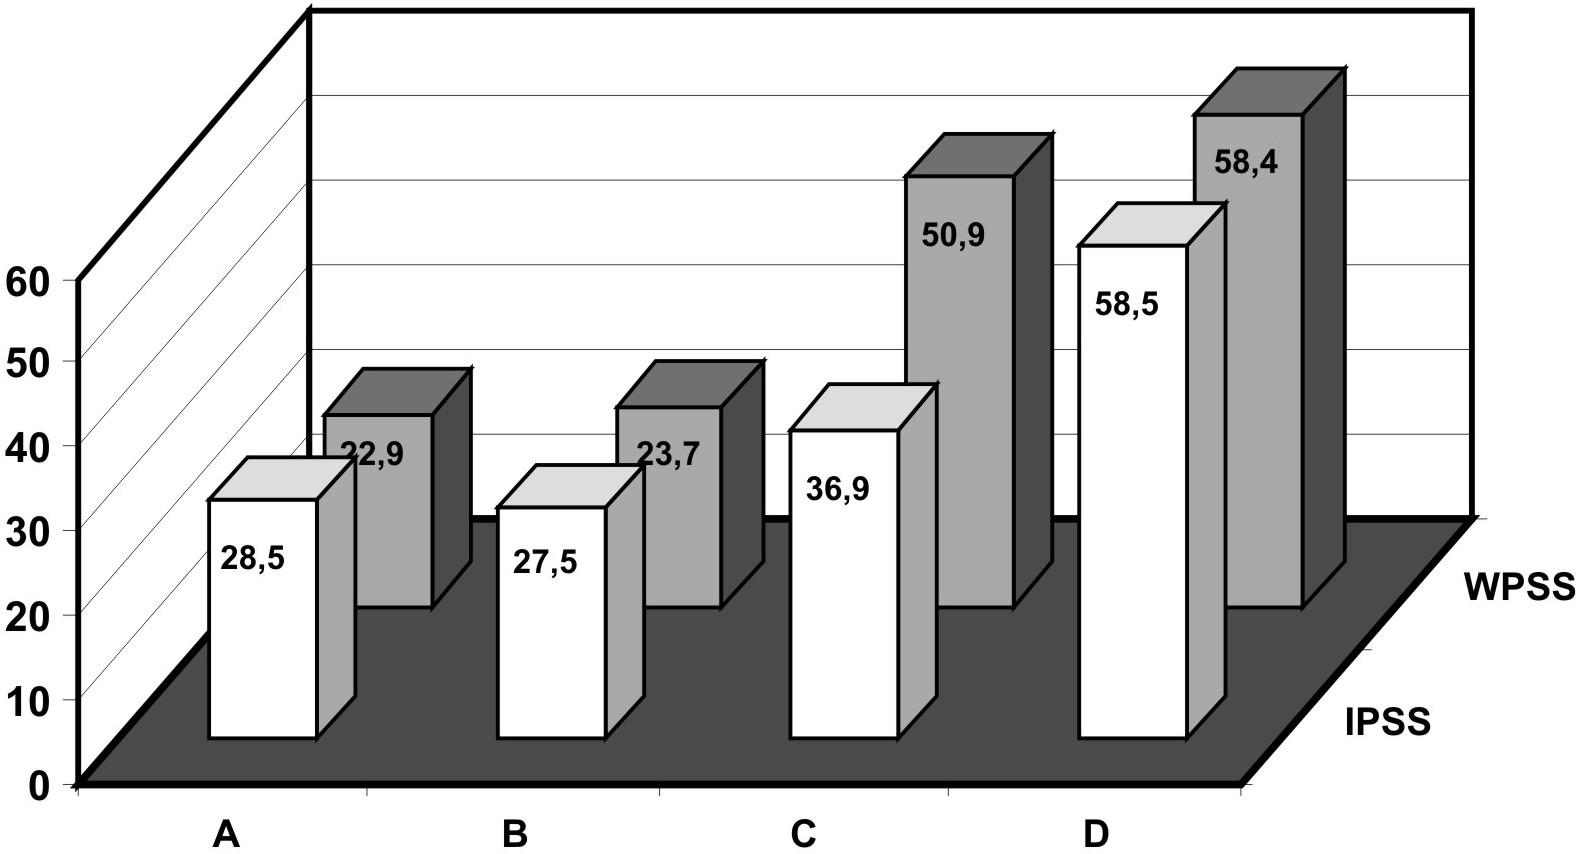 Průměrné pořadí IPSS a WTSS ve skupinách A-D.